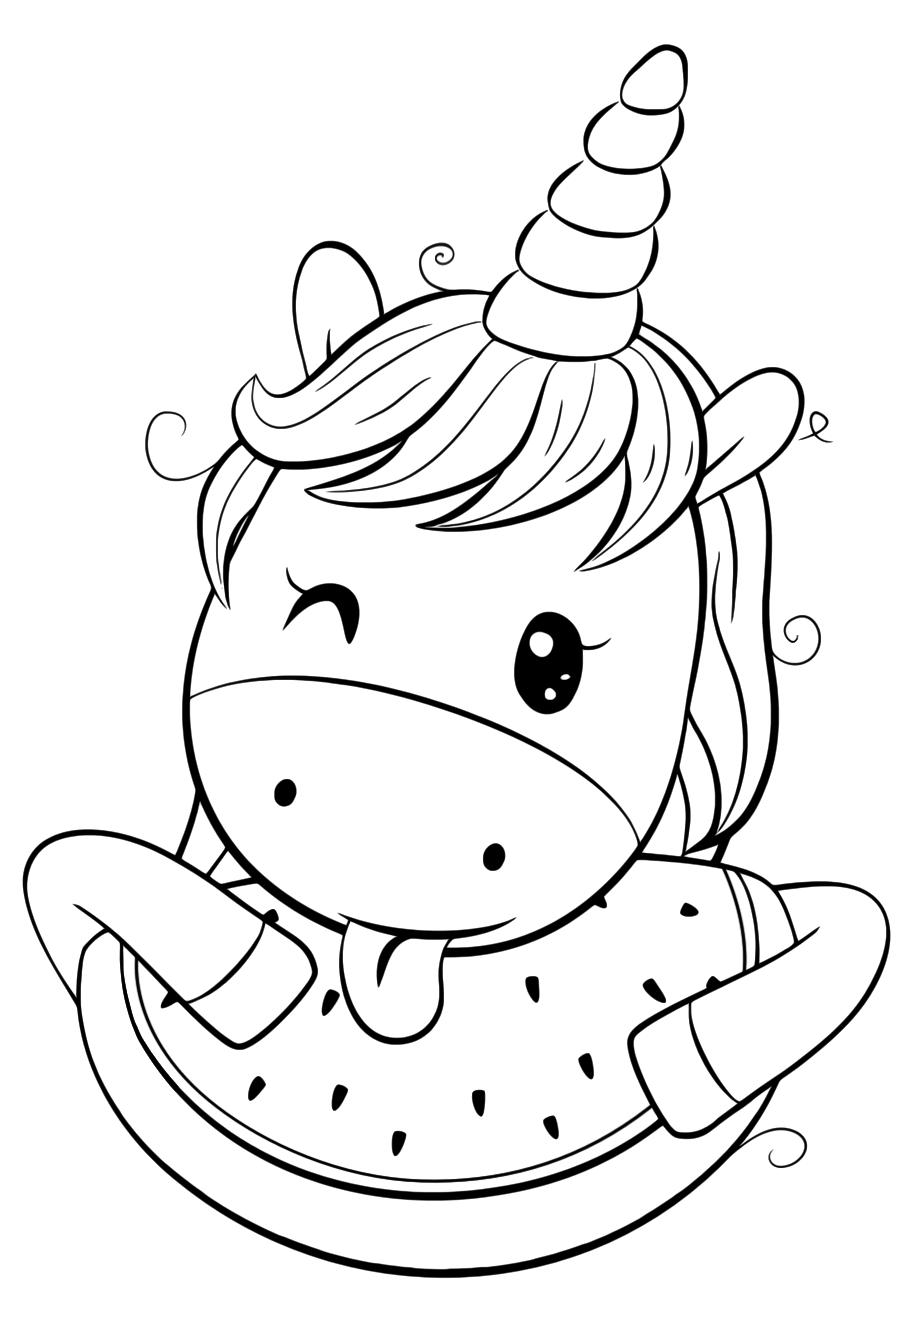 Tranh tô màu con ngựa cho bé đẹp nhất